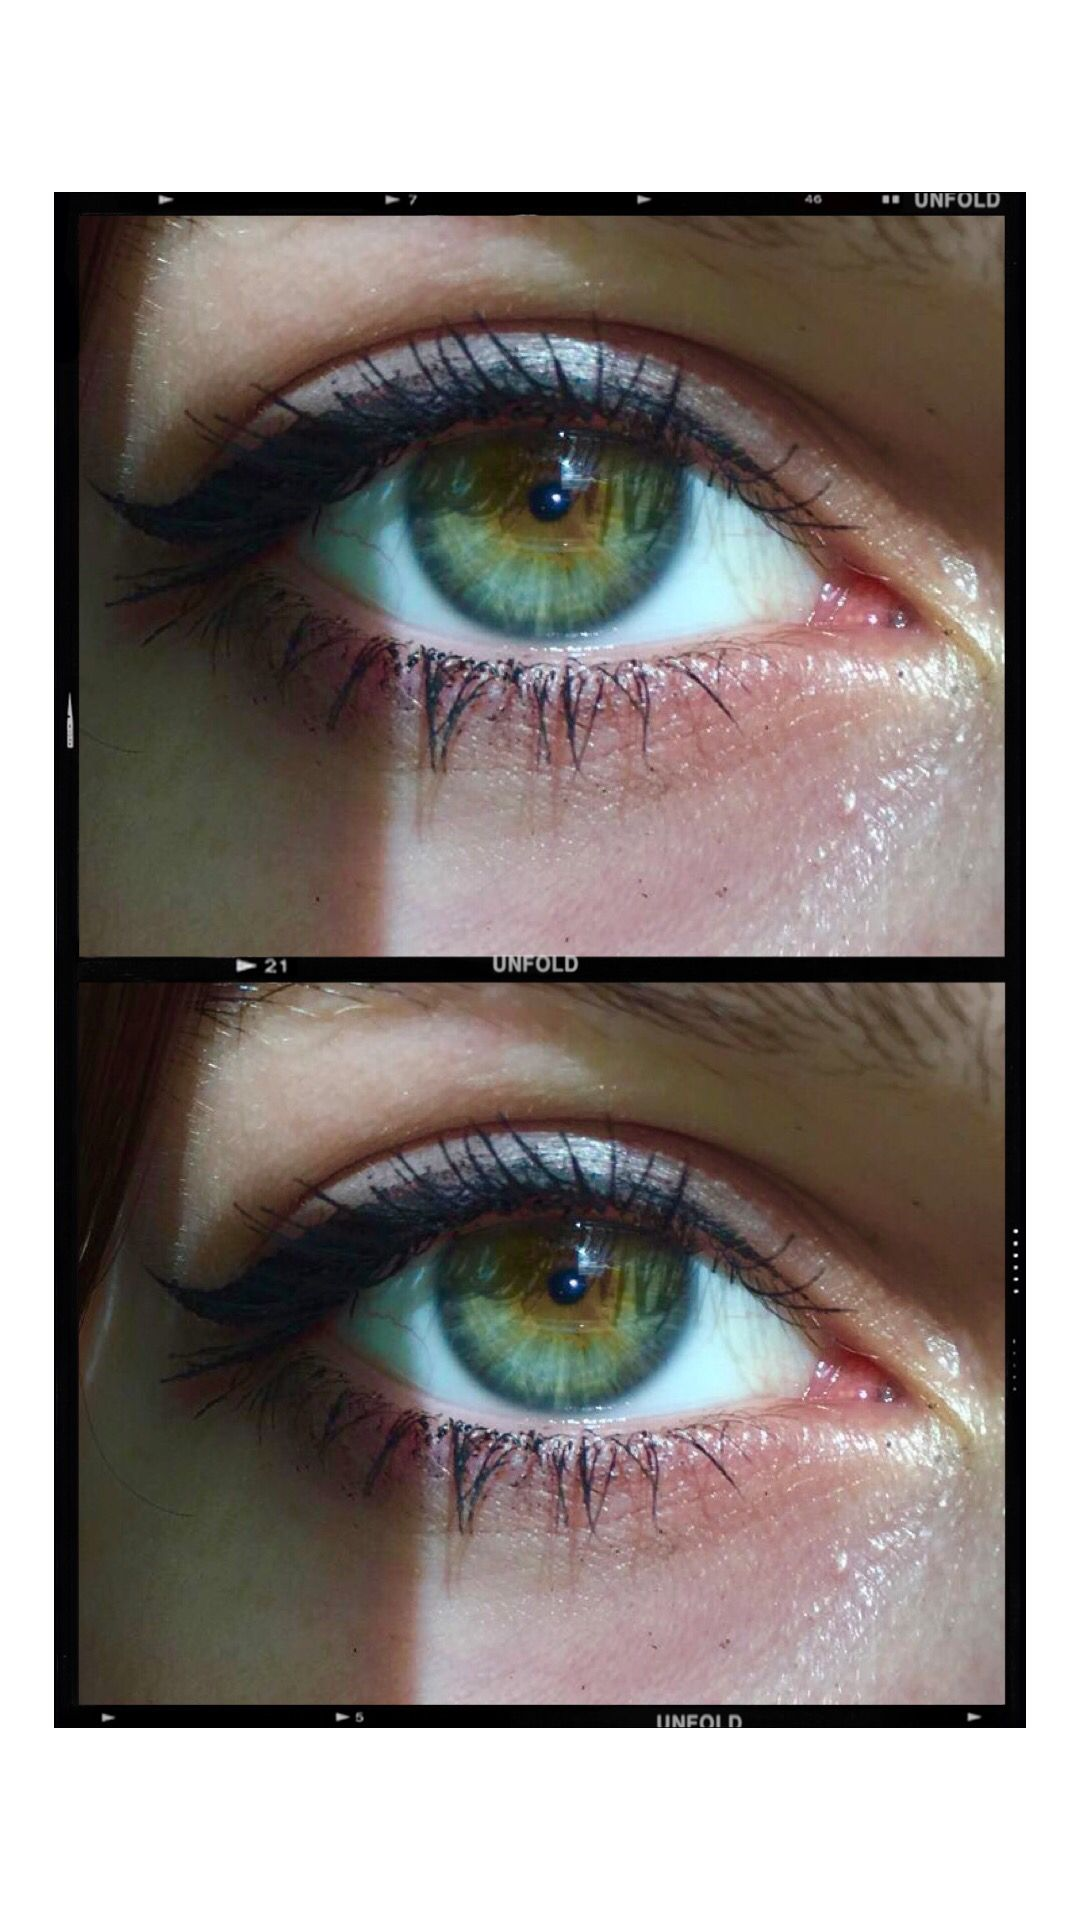 nofilter #eyes #eyeliner #sun #mascara #greeneyes #green